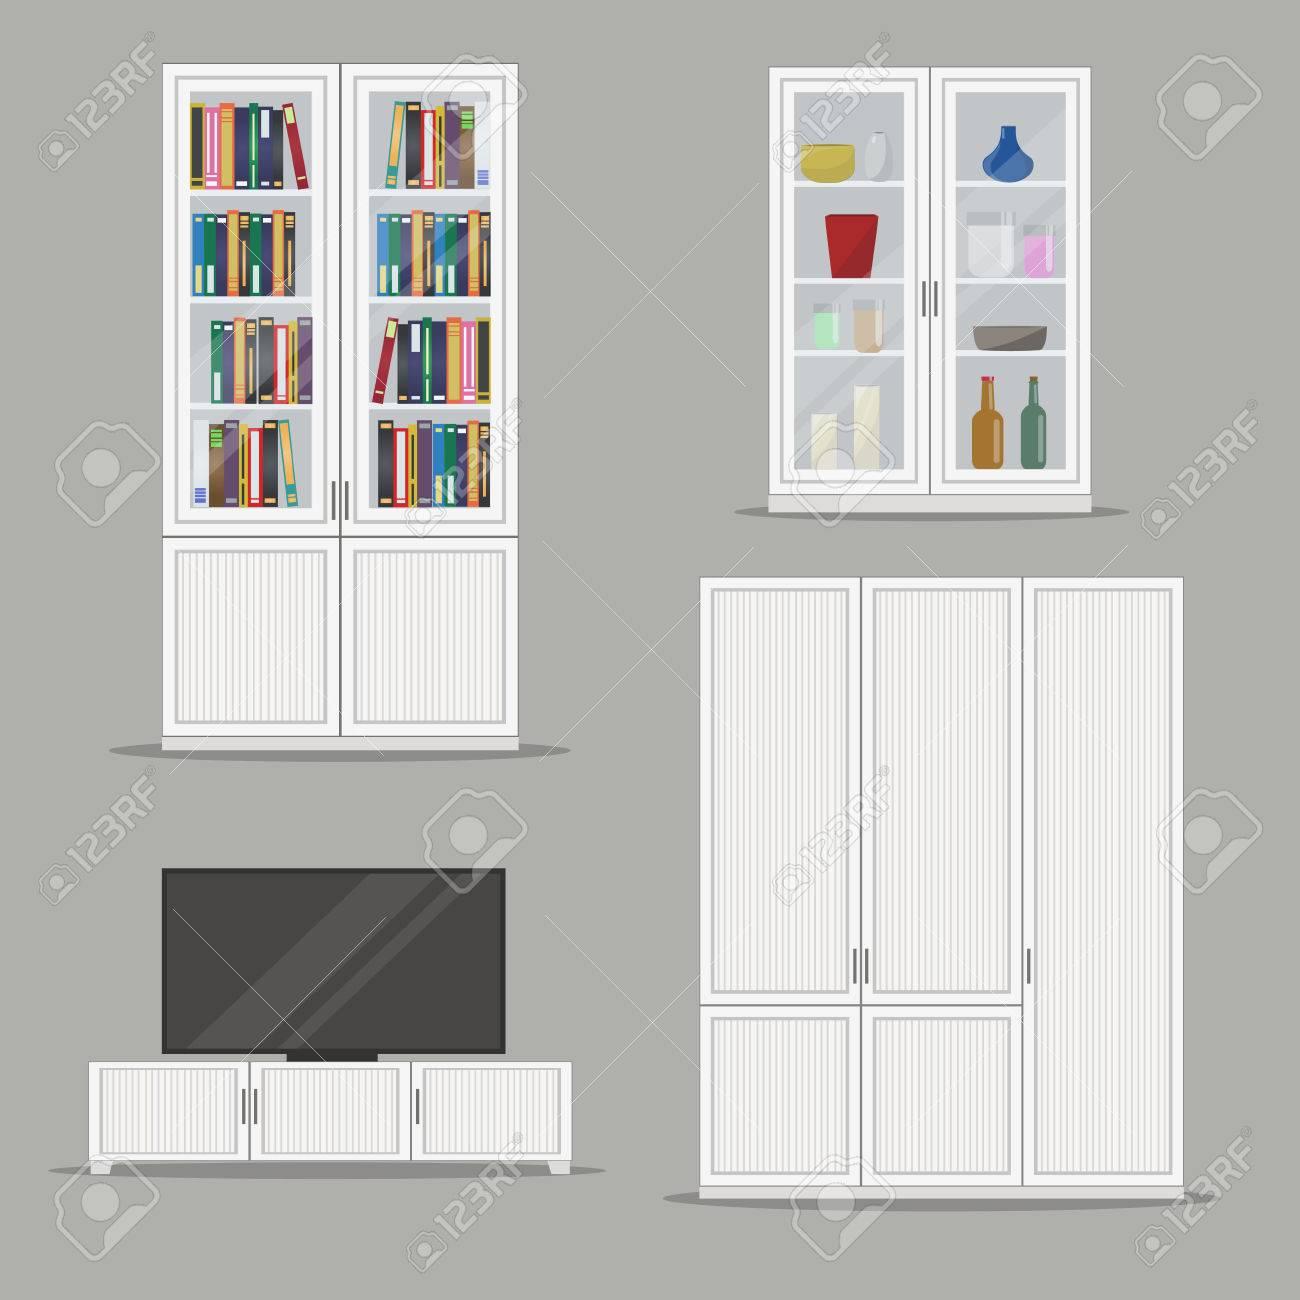 Verzameling Van Geïsoleerde Boekenkast, Tv-meubel En Garderobe ...